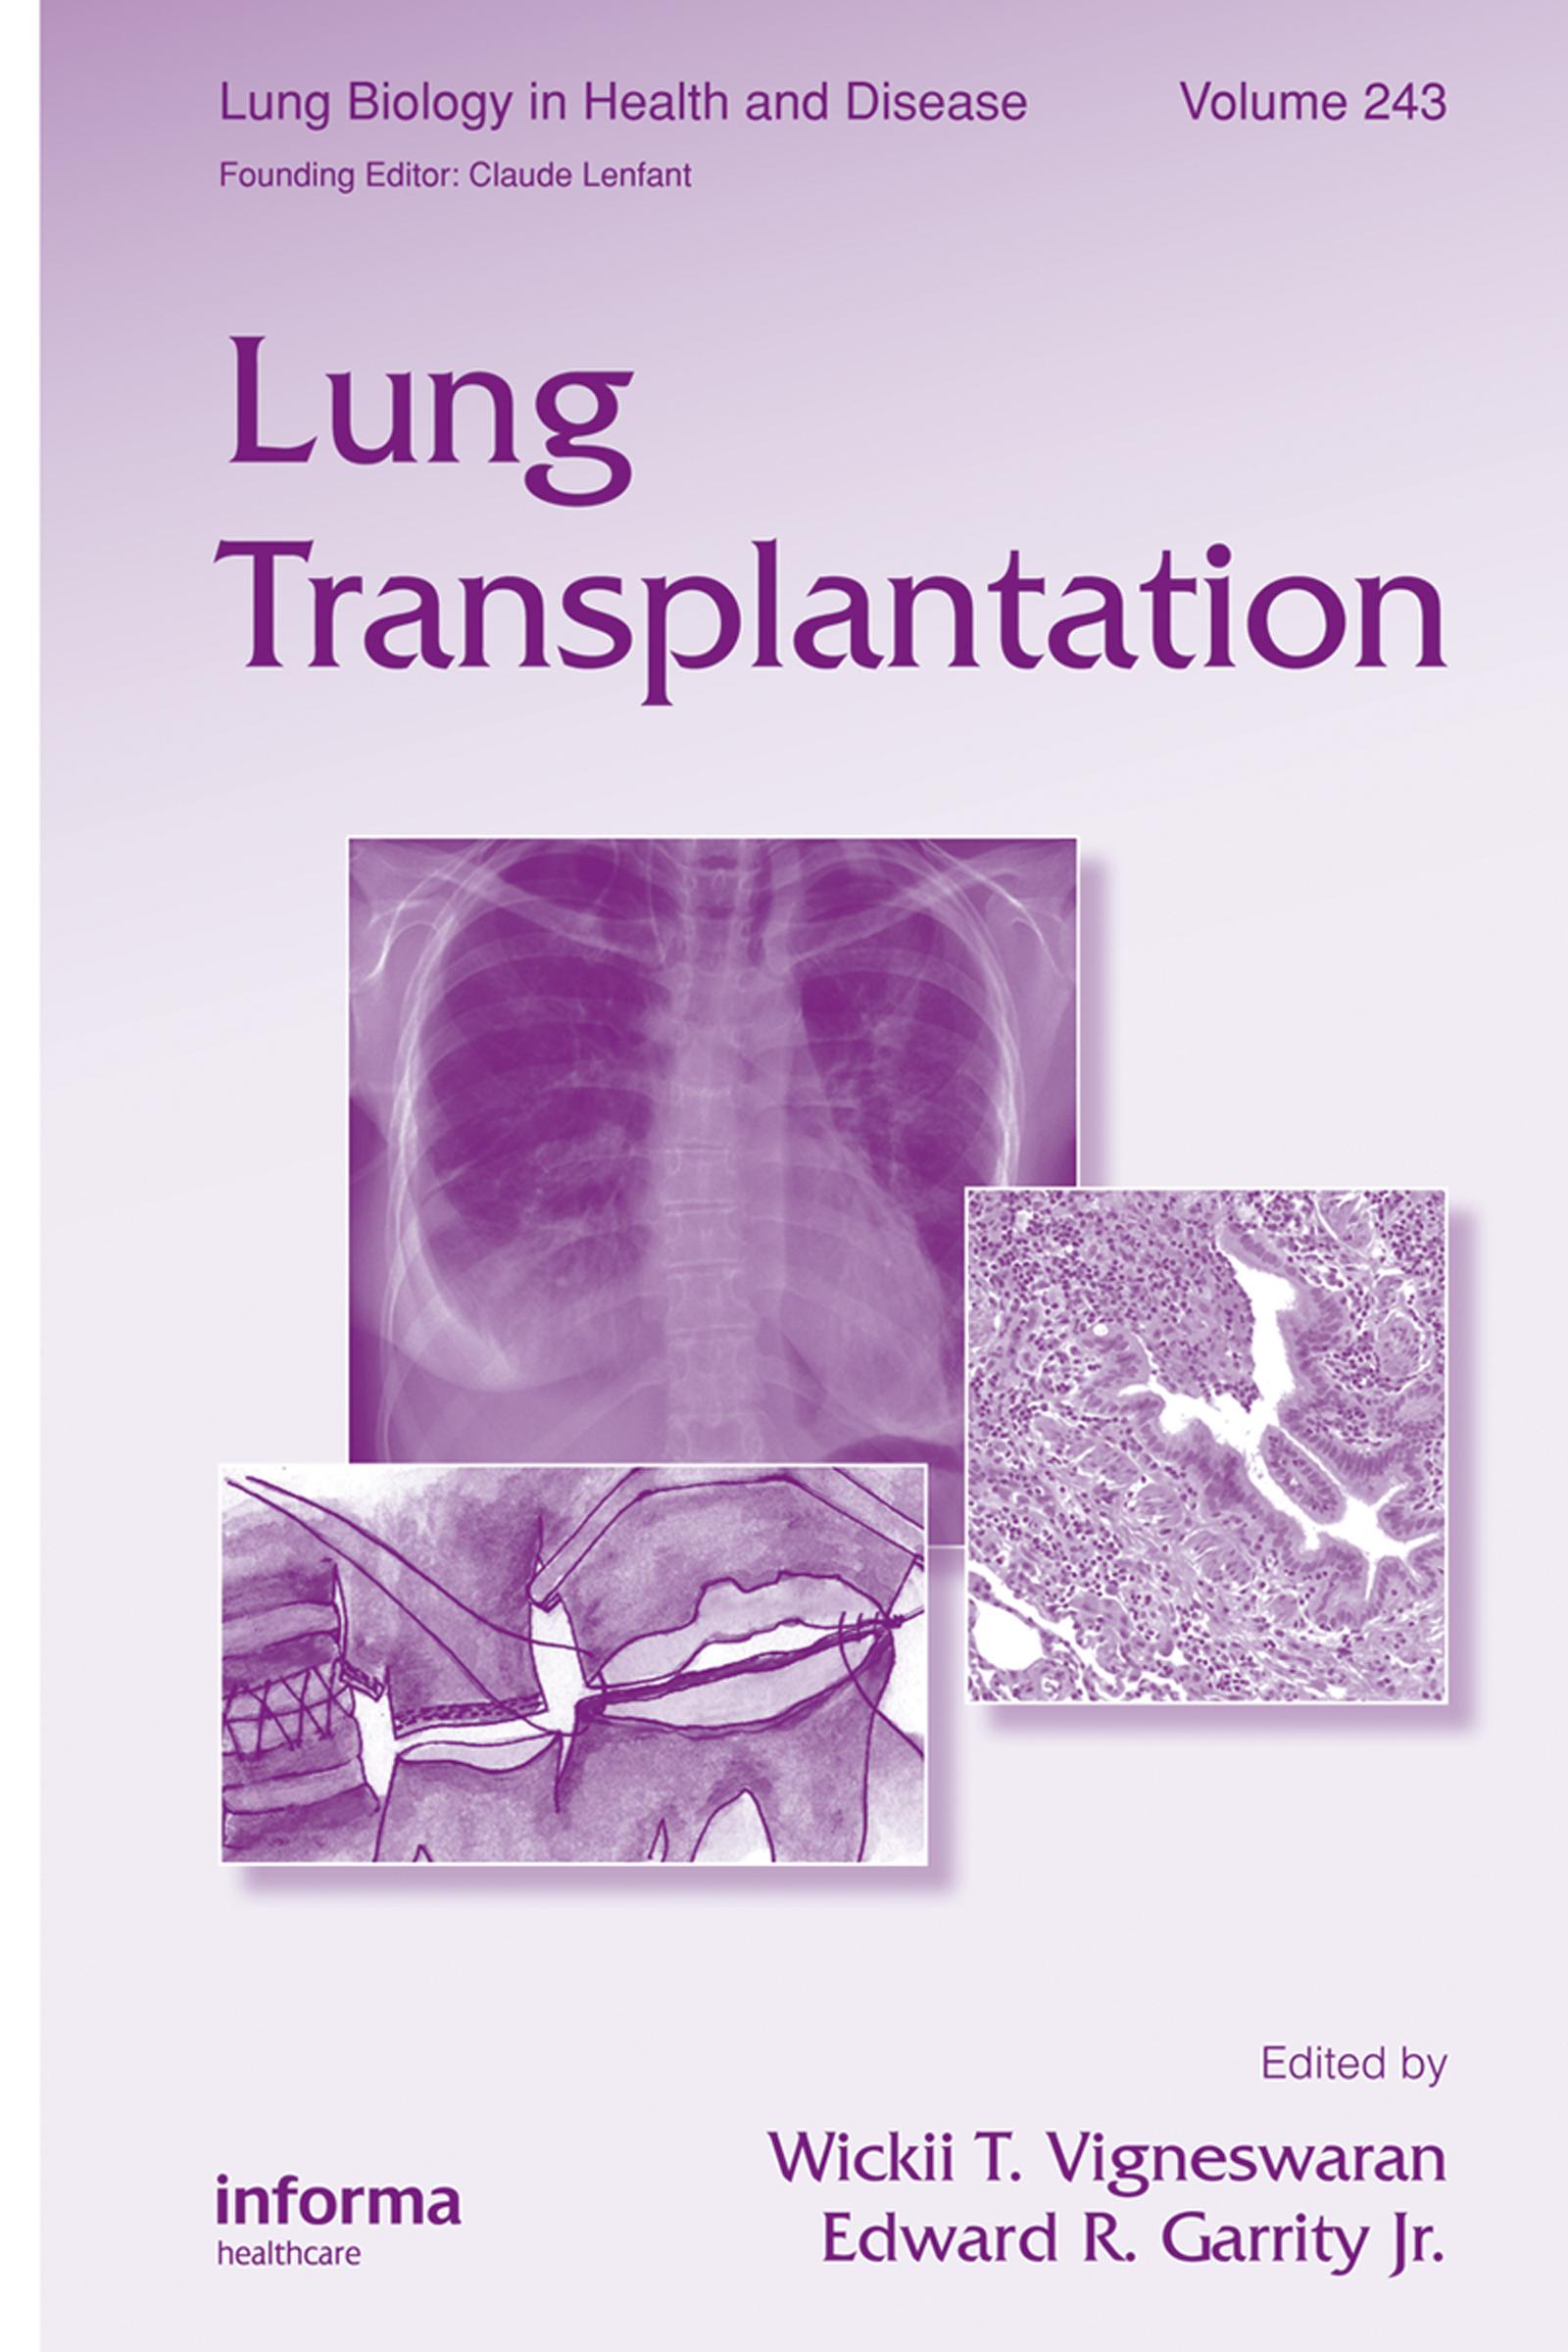 Lobar Lung Transplantation